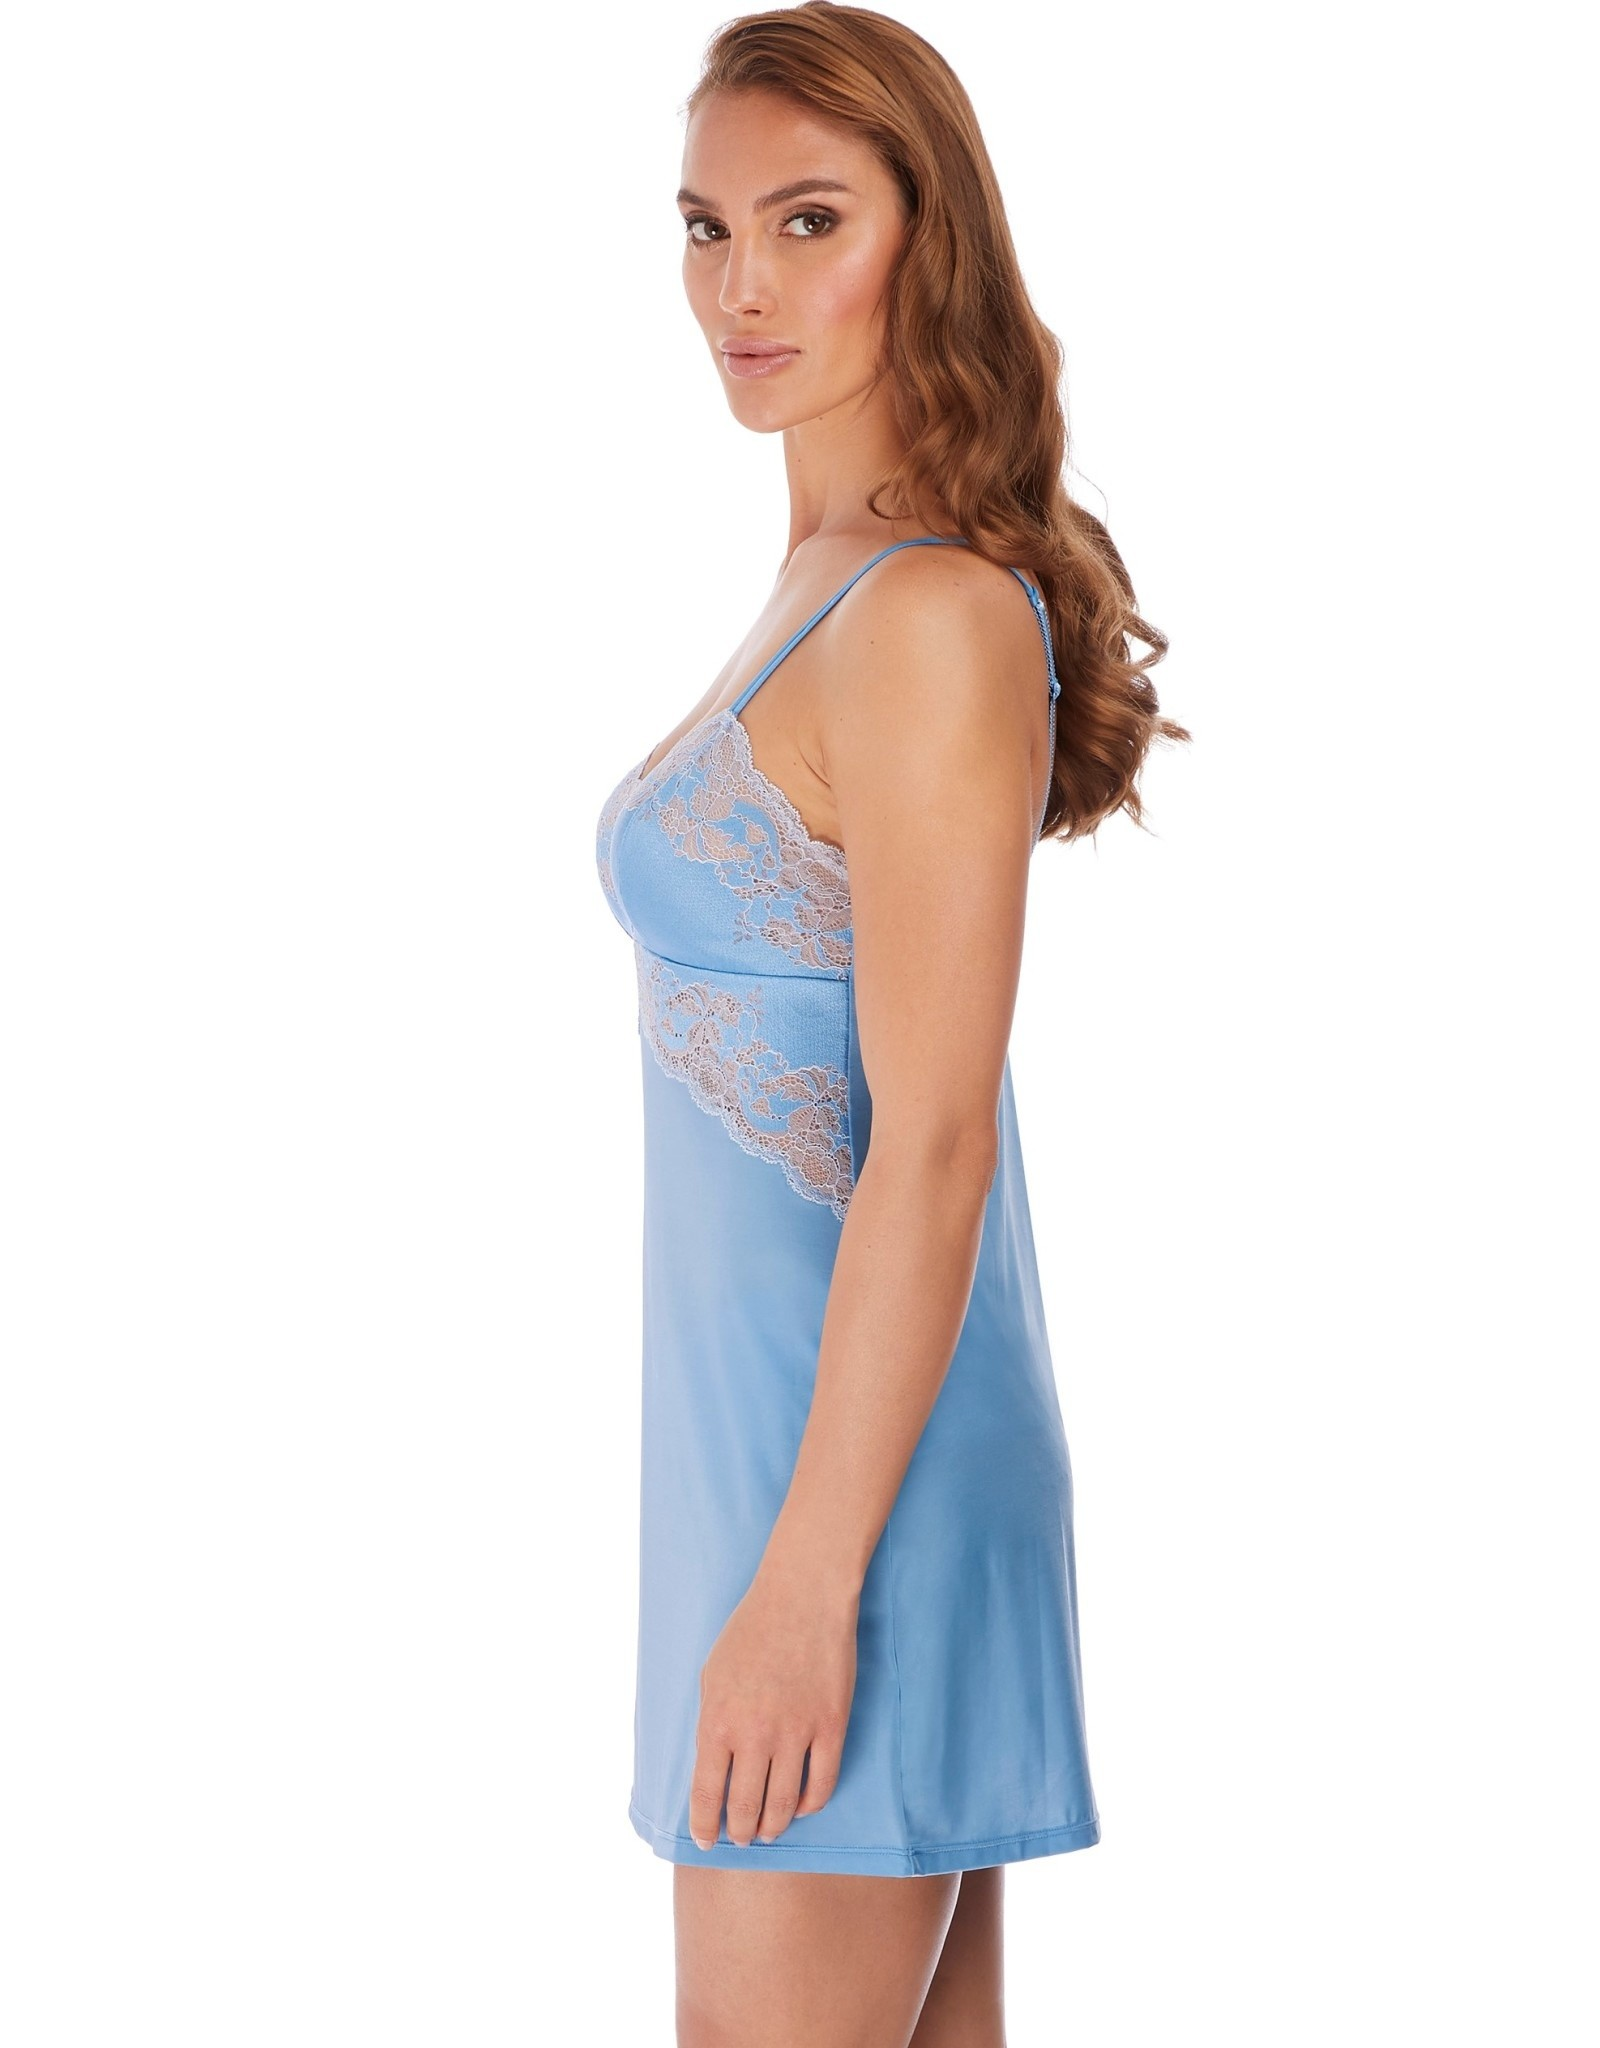 Wacoal Lace Affair - Jurkje  Cashmere blue  L